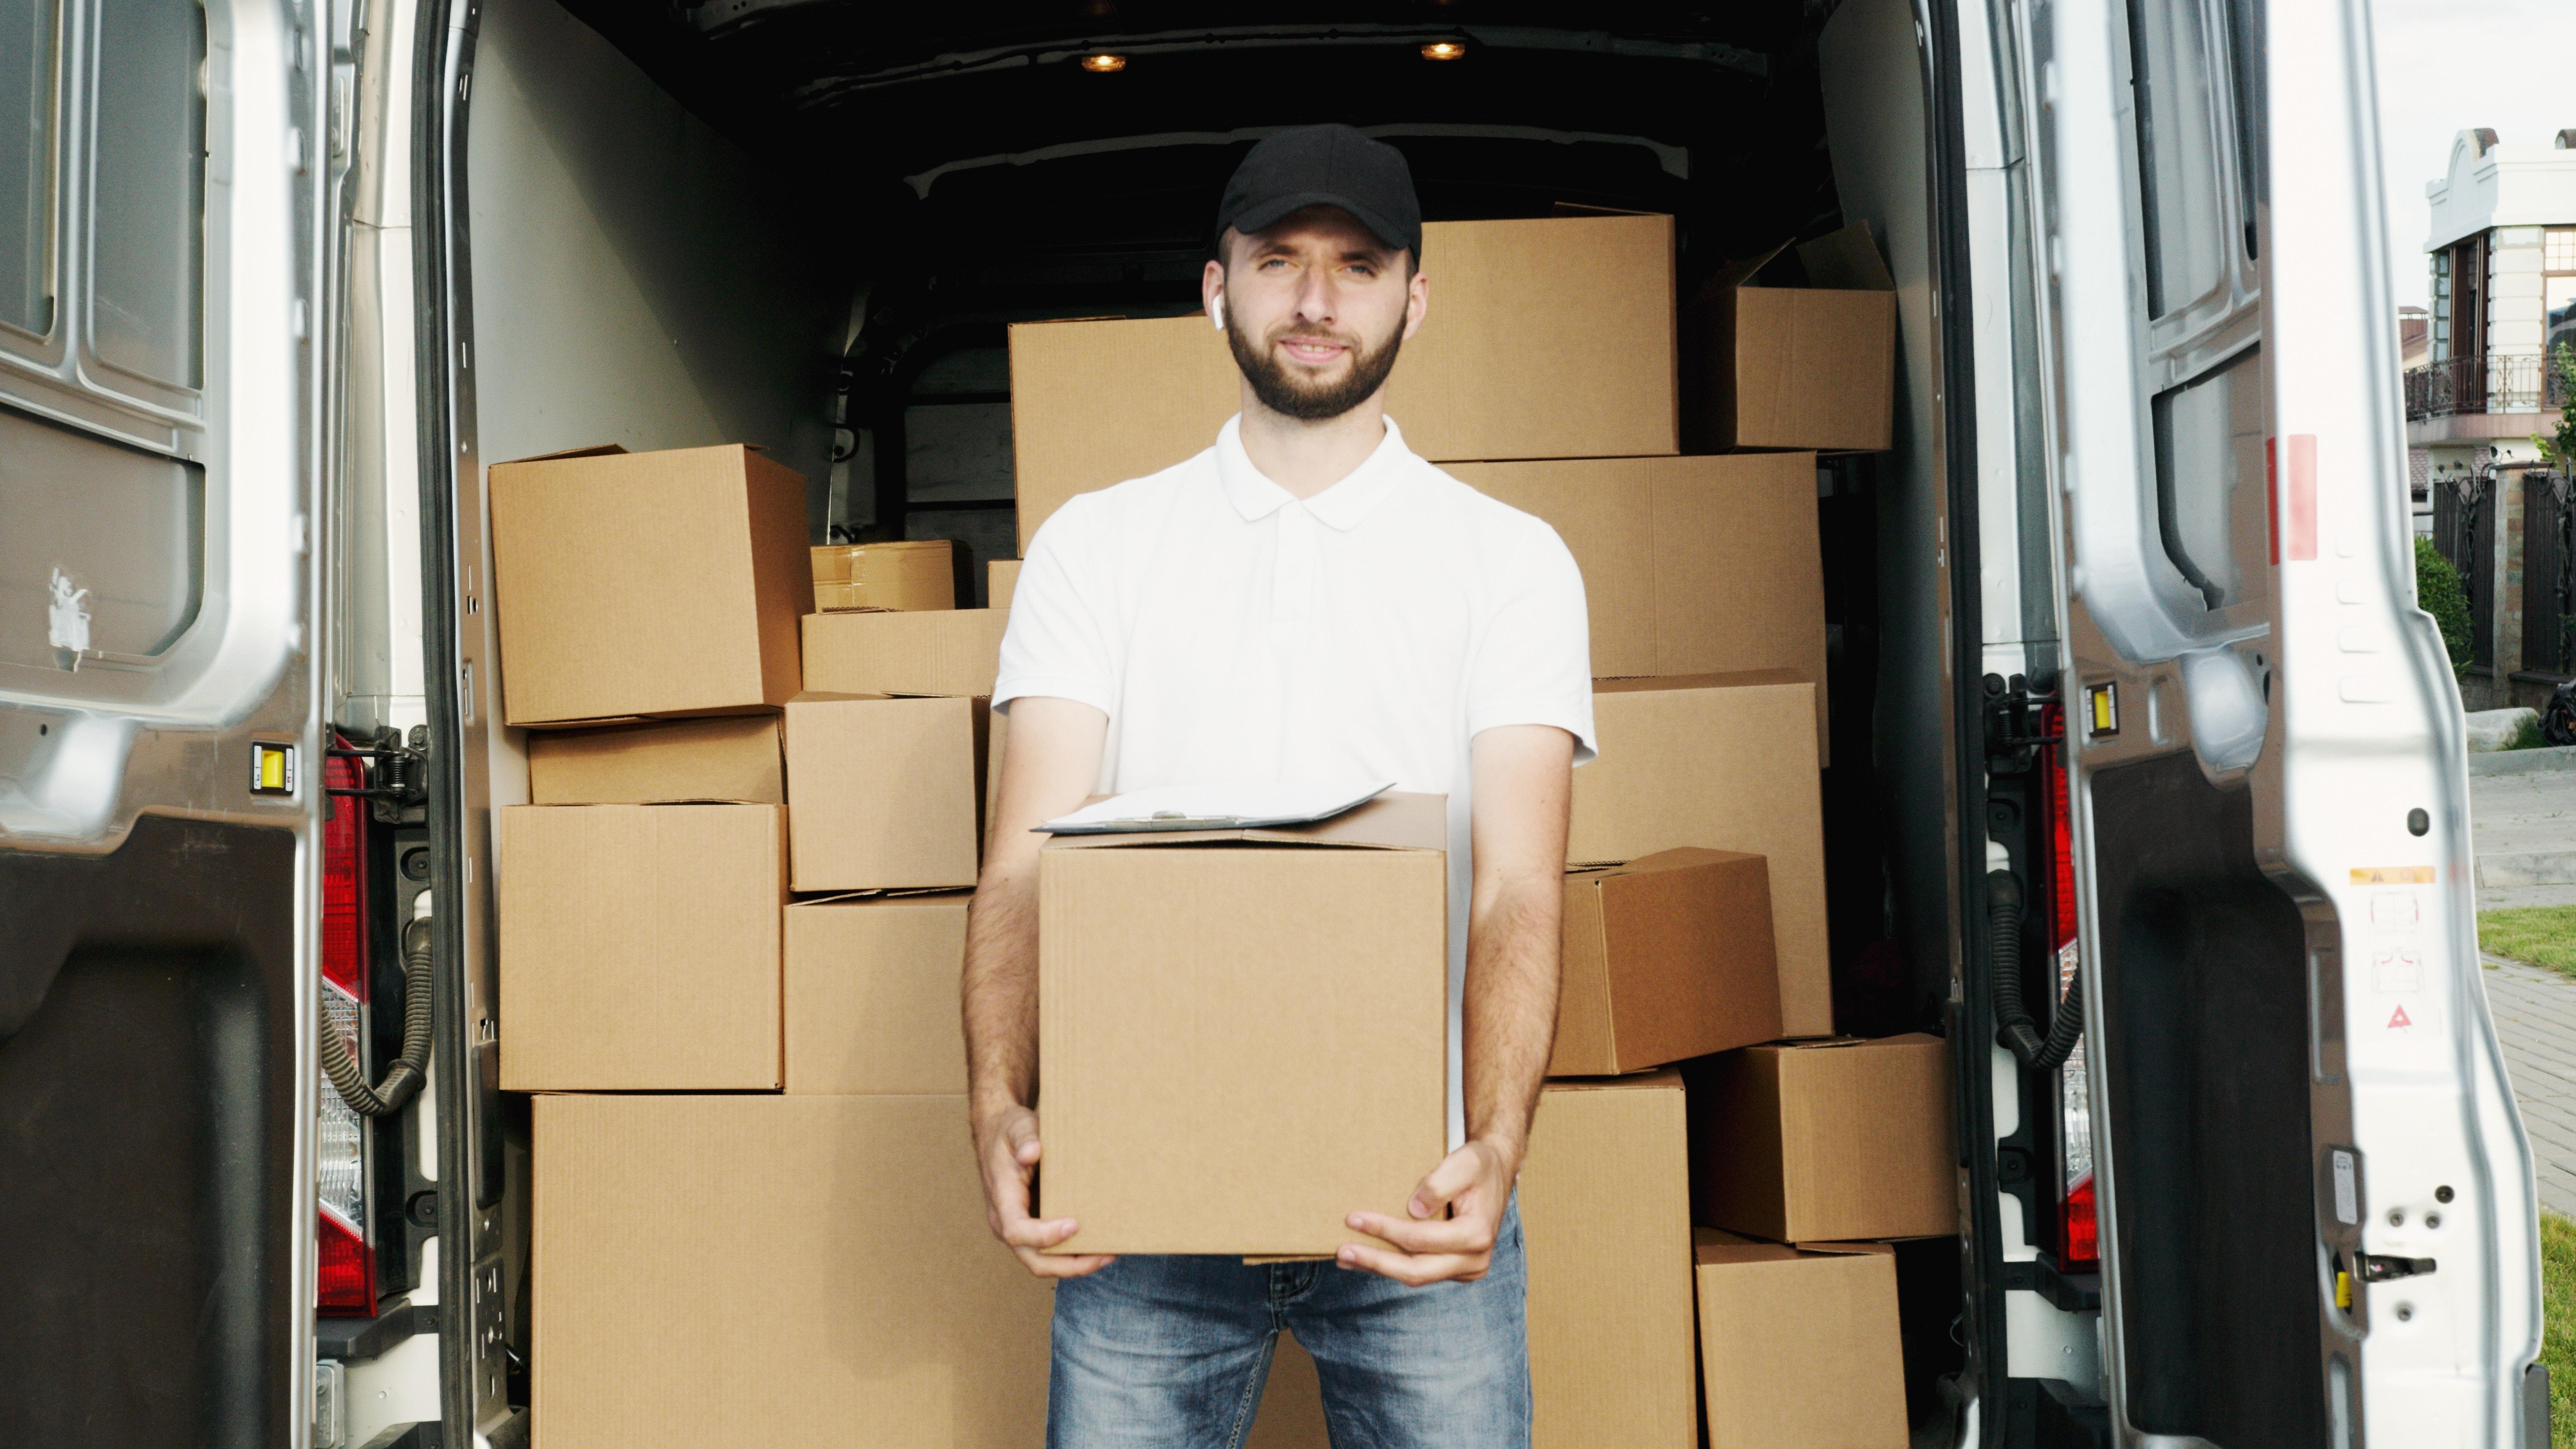 Curso de reparto de paquetería con prácticas en empresa